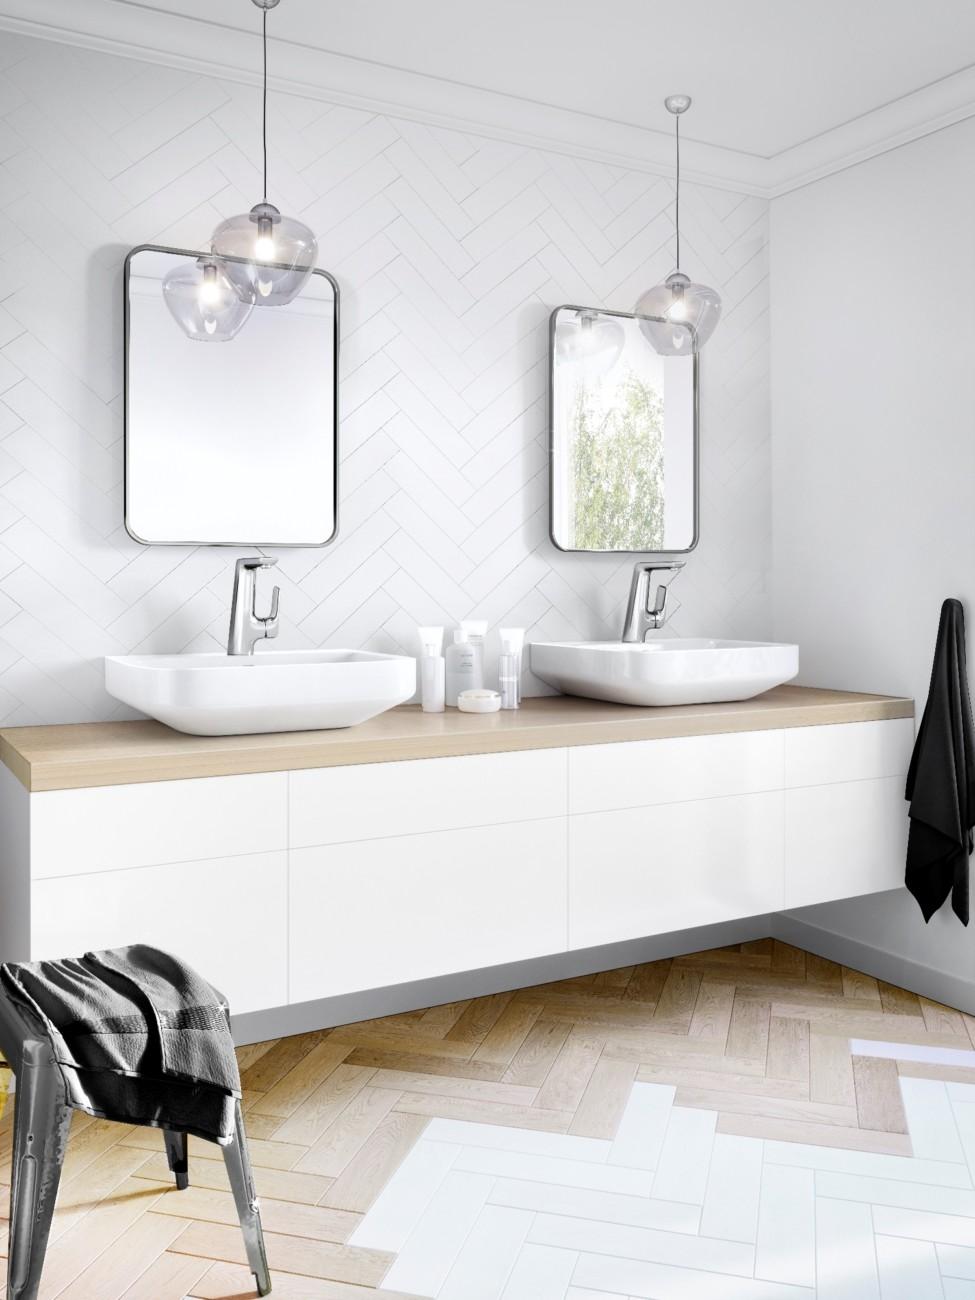 die neue und elegante armaturenserie f r 39 s bad ameo von kludi. Black Bedroom Furniture Sets. Home Design Ideas